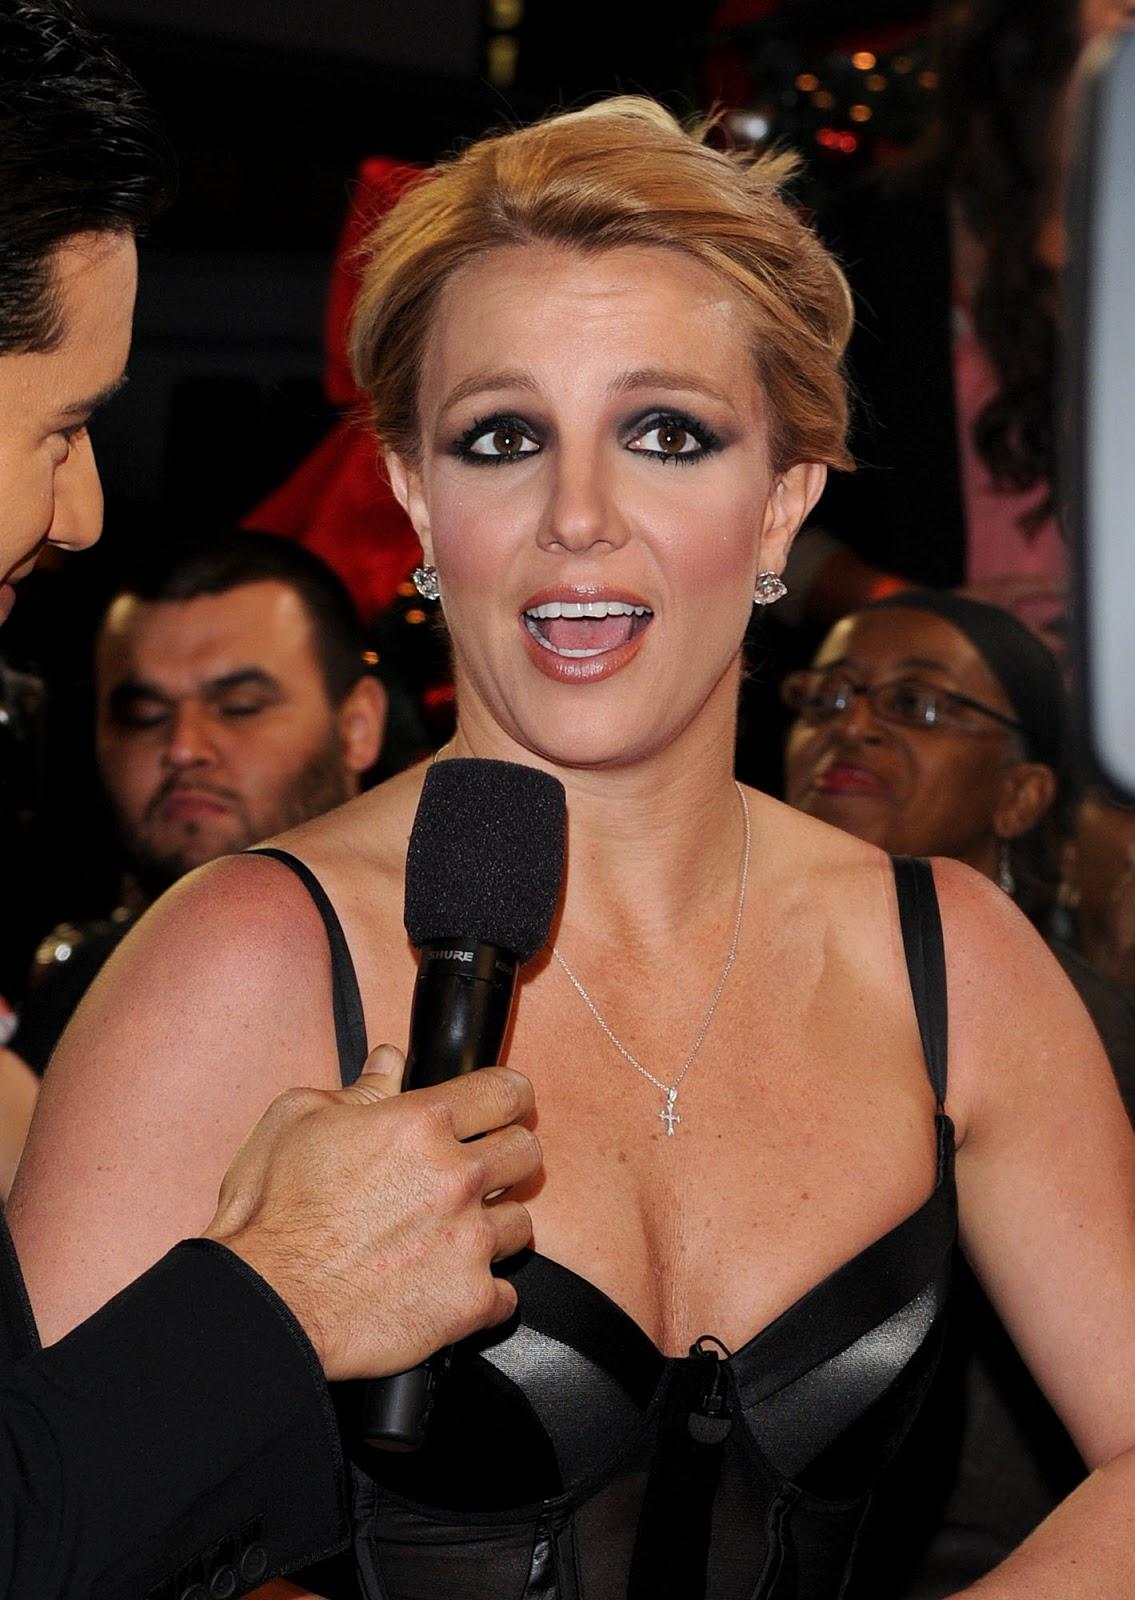 http://2.bp.blogspot.com/-rBhN1gSEUm4/UN4TDxE0m0I/AAAAAAAAr00/bFoOcwfwHBI/s1600/Britney+Spears+-+The+X+Factor+Season+Finale+Results+Show+in+LA+12.20.12+02.jpg